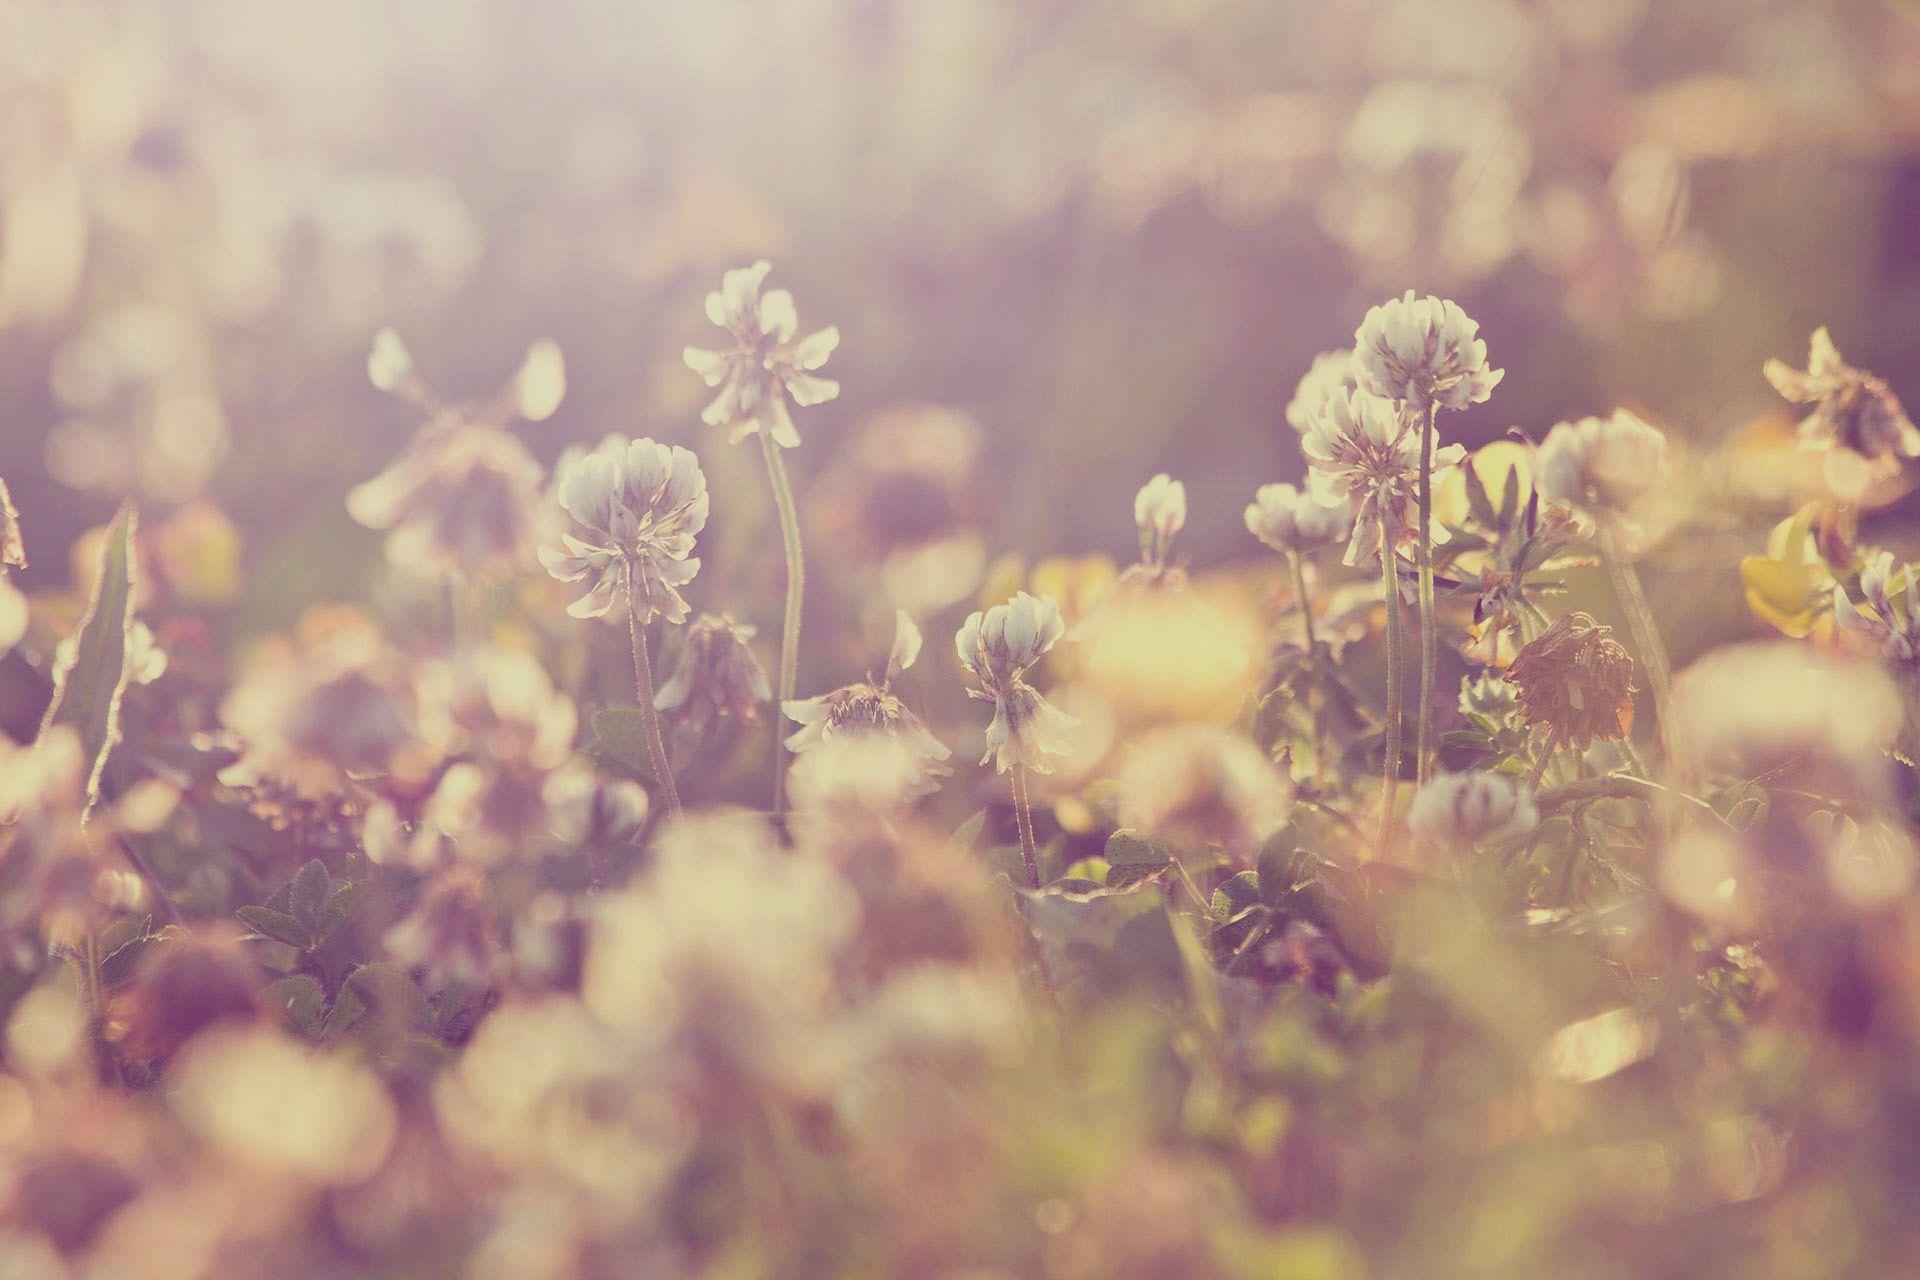 Violette Tannenbaum Wild flowers, Slide background, Tapestry